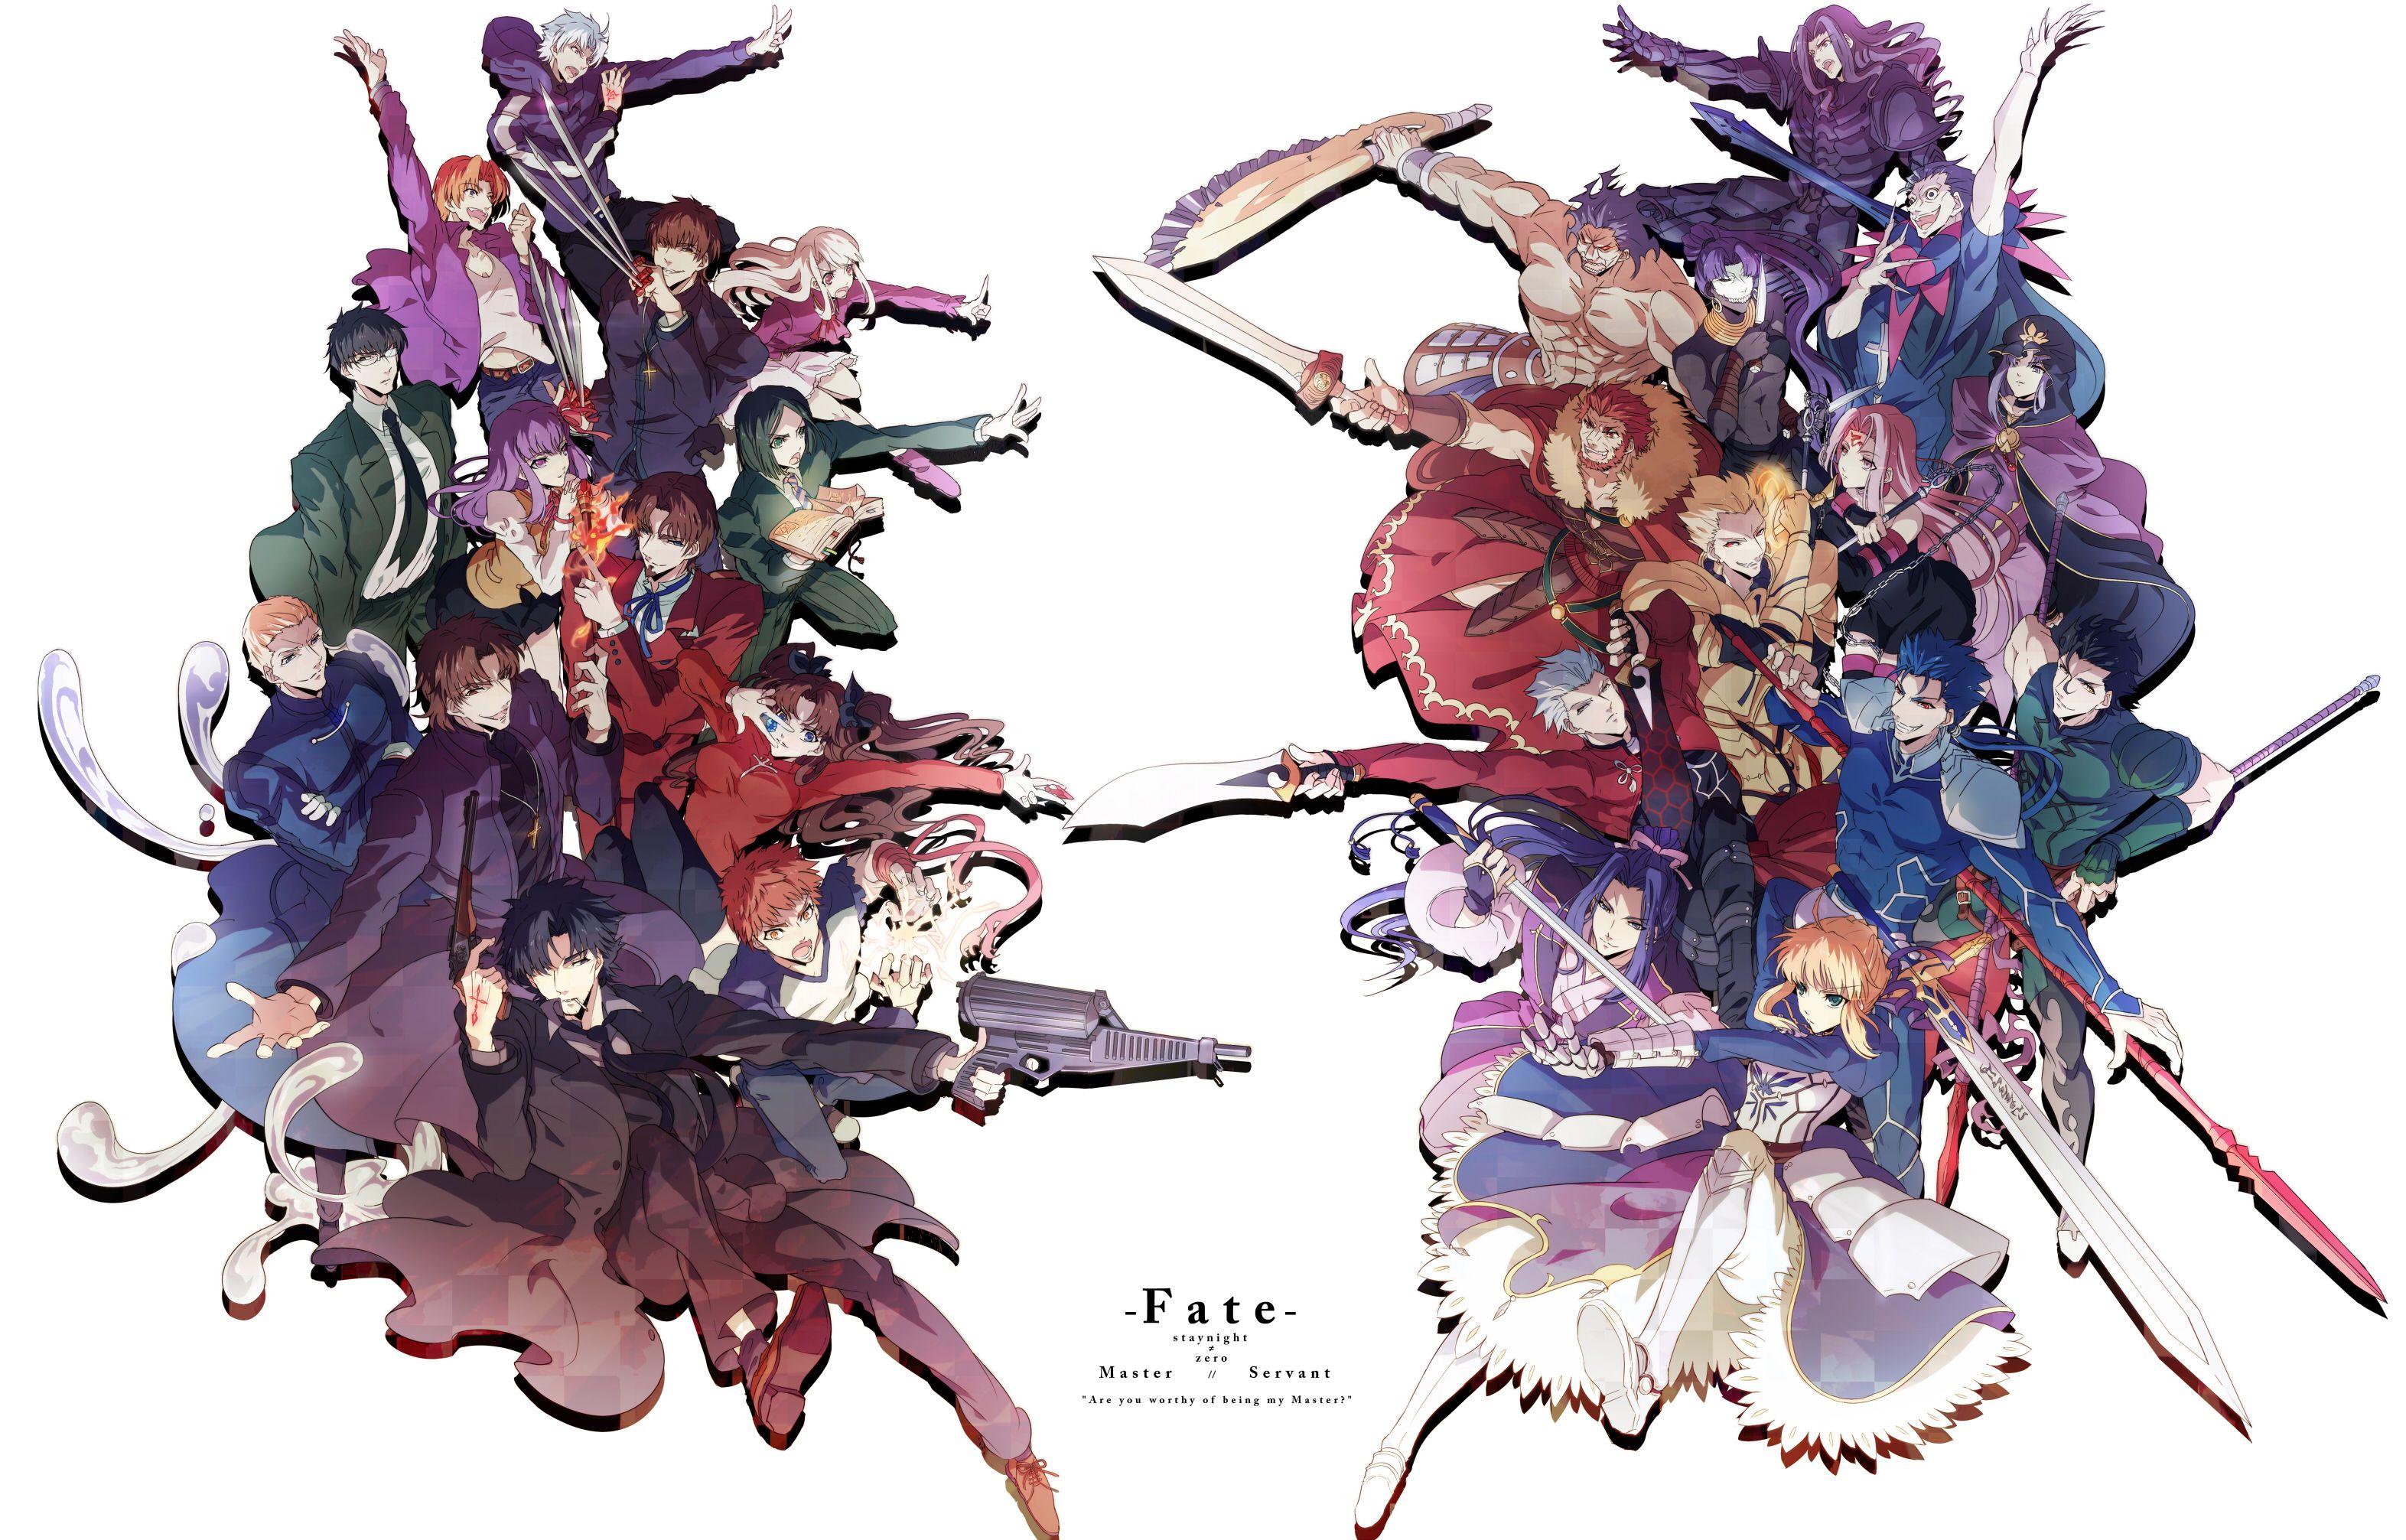 Master And Servant #Fate/Zero#Fate/StayNight